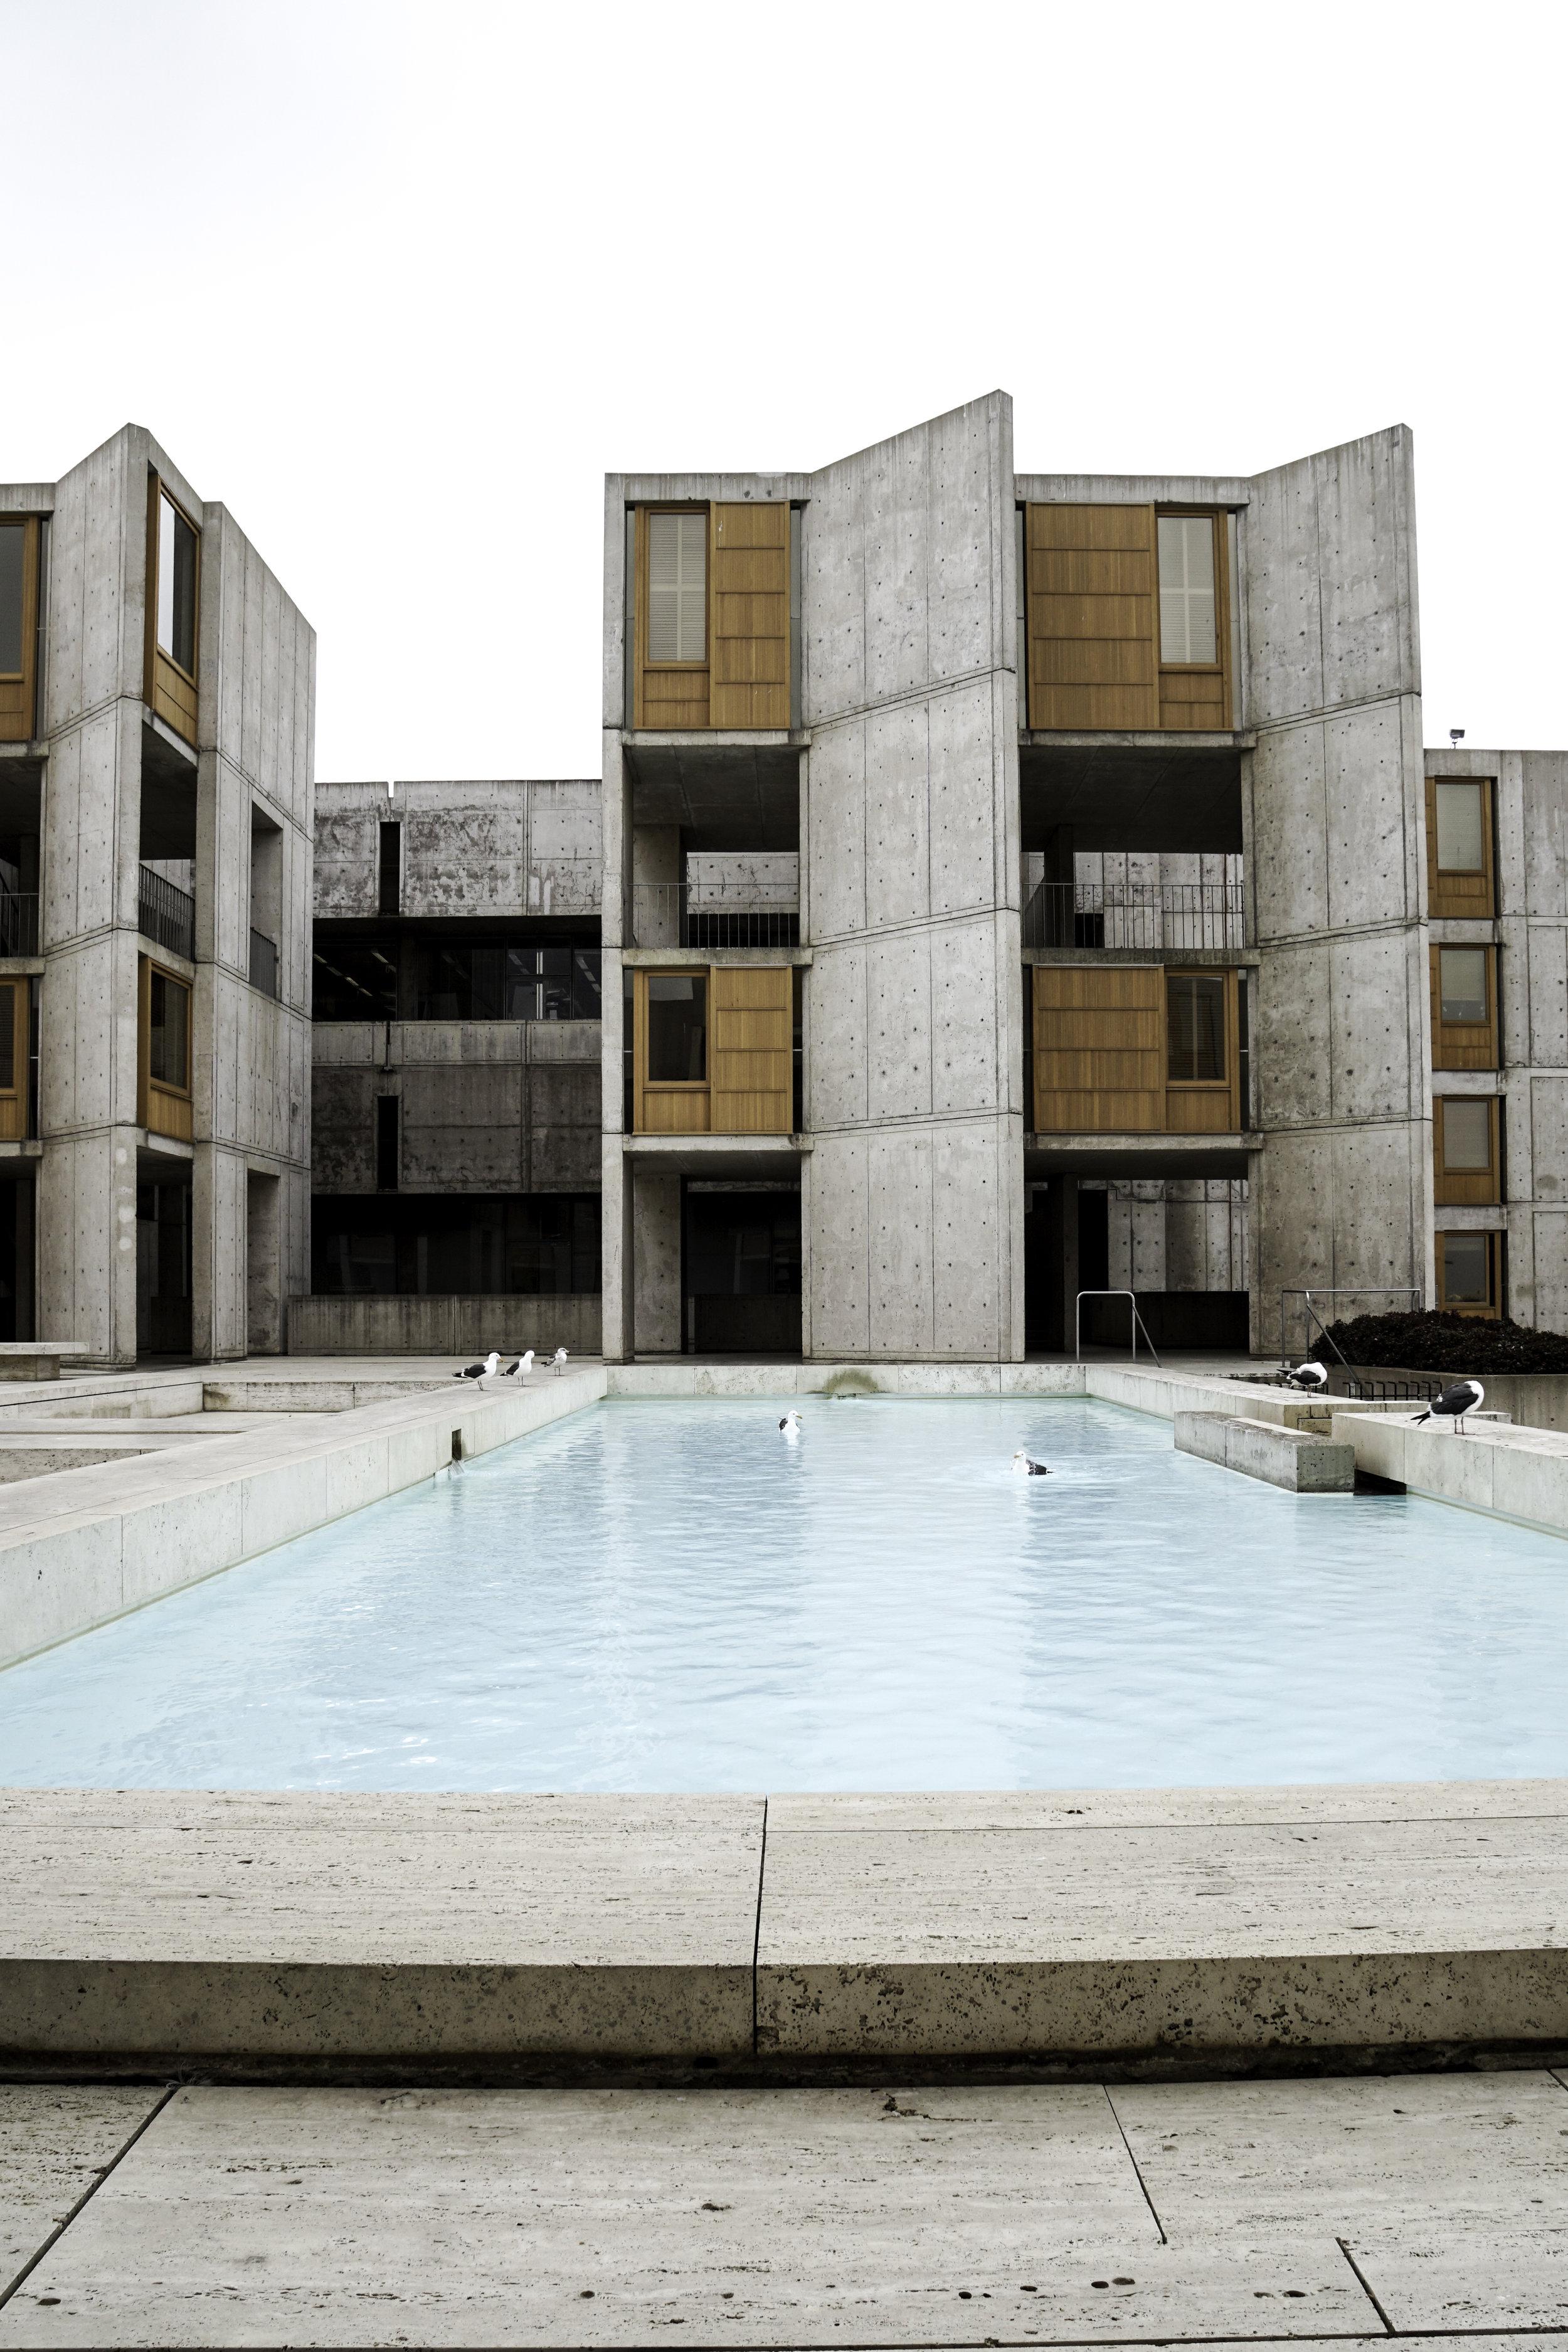 SALK INSTITUTE- Louis Kahn & Luis Barragan, 1963